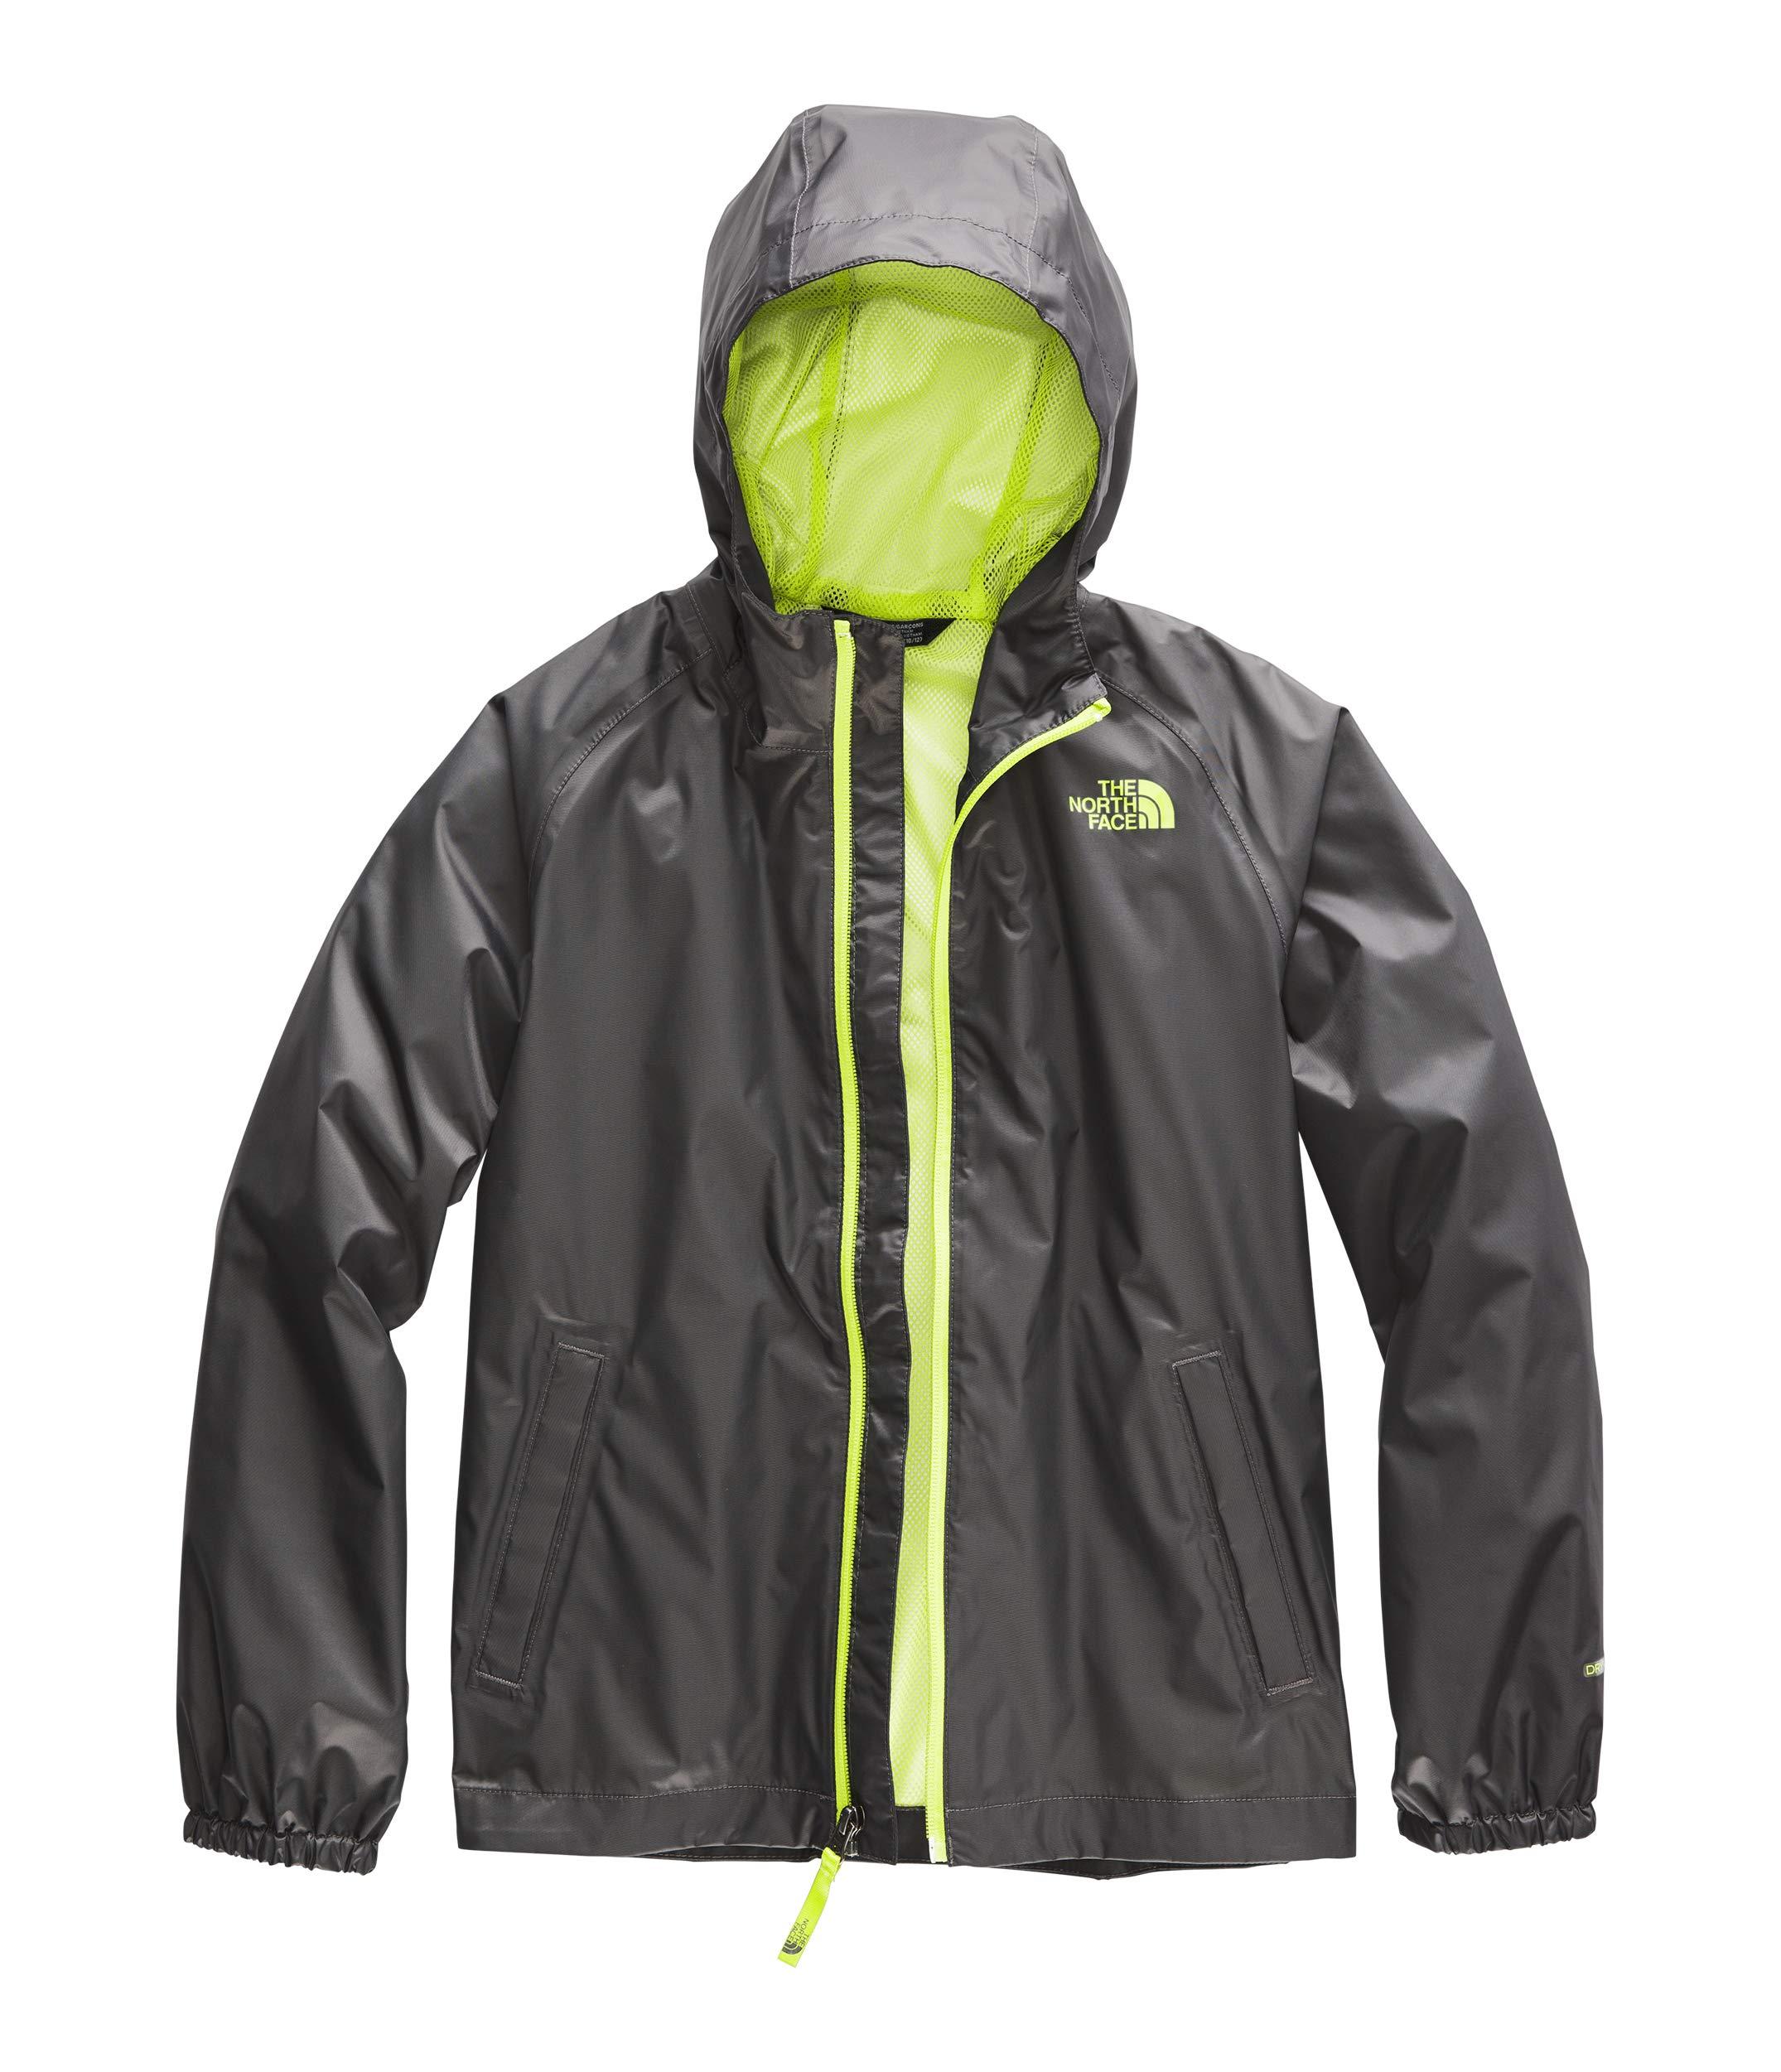 The North Face Kids Boy's Zipline Rain Jacket (Little Kids/Big Kids) Graphite Grey Medium